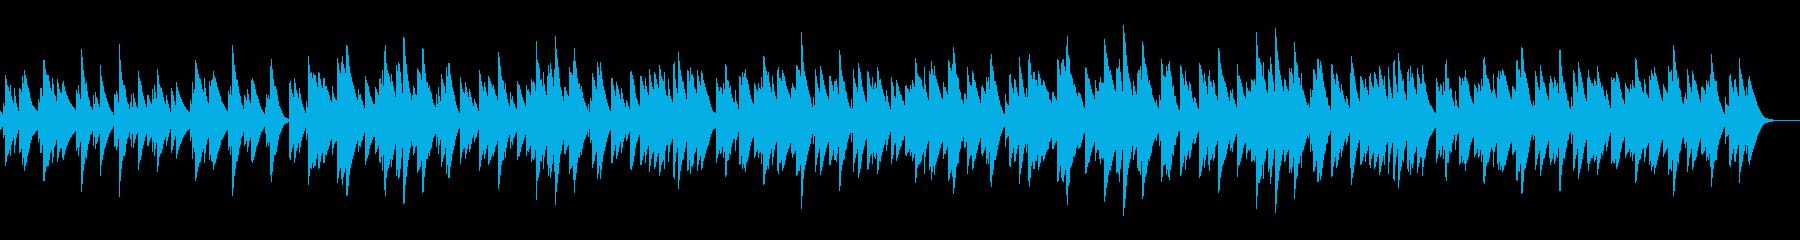 オルゴールソロの楽曲の再生済みの波形